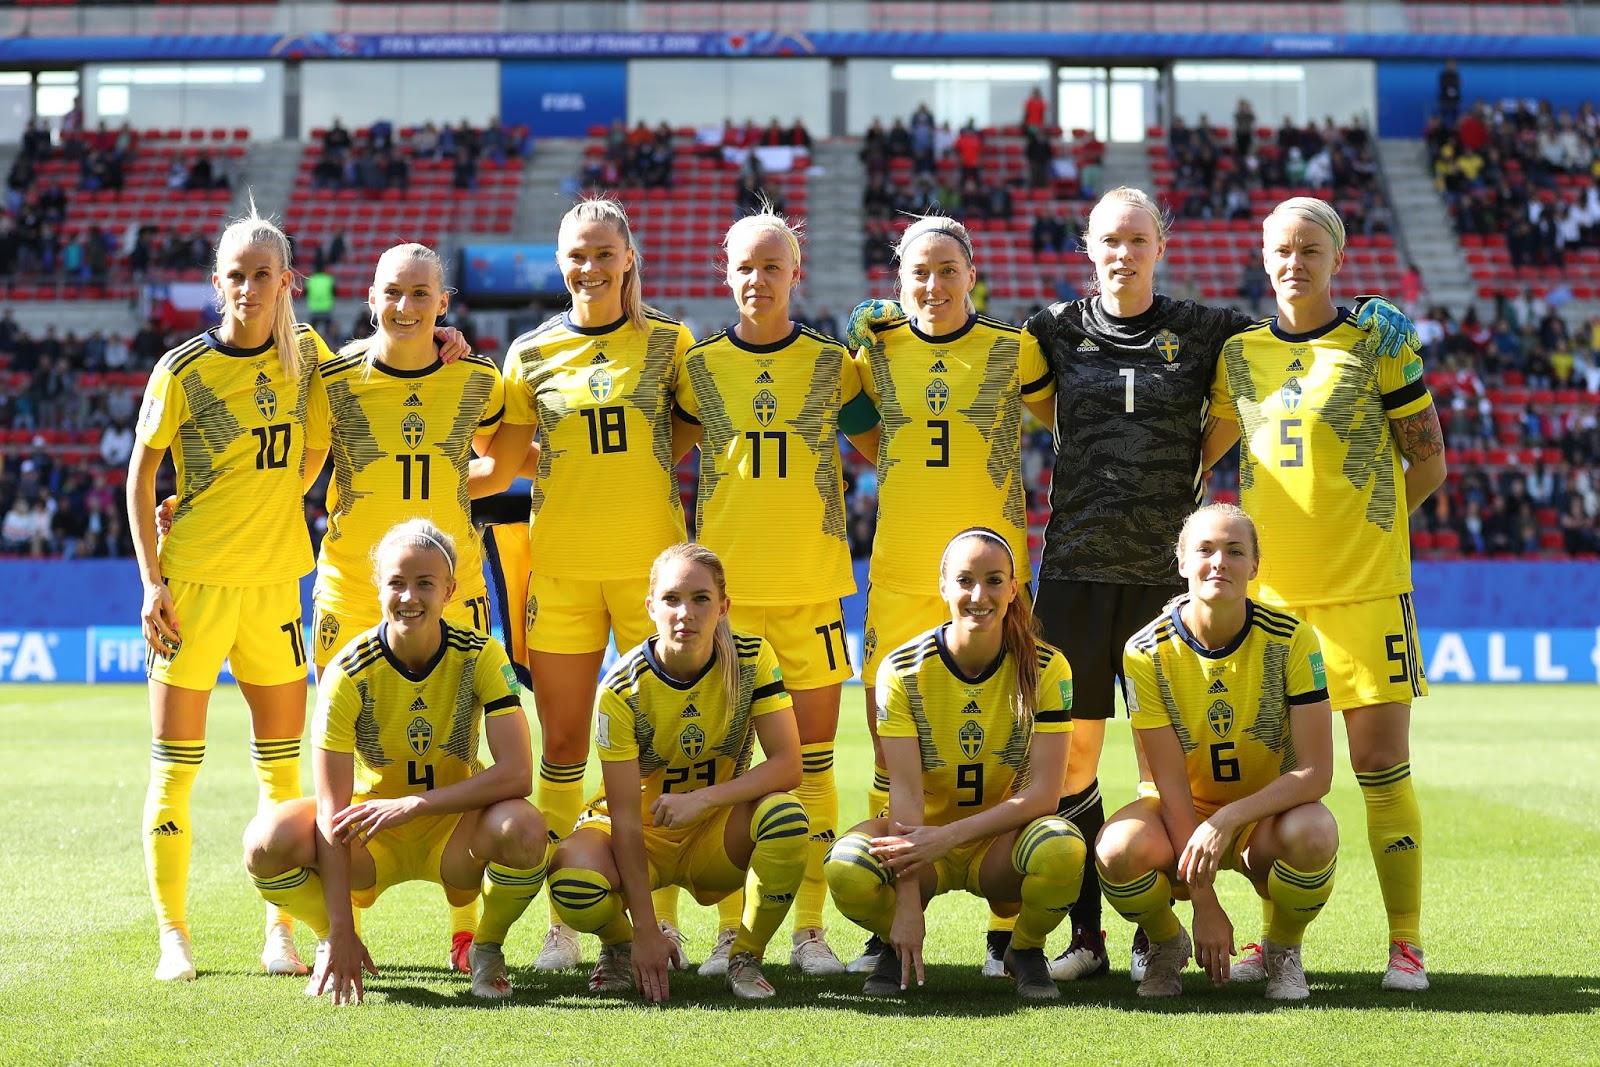 Formación de selección de Suecia ante Chile, Copa Mundial Femenina de Fútbol Francia 2019, 11 de junio